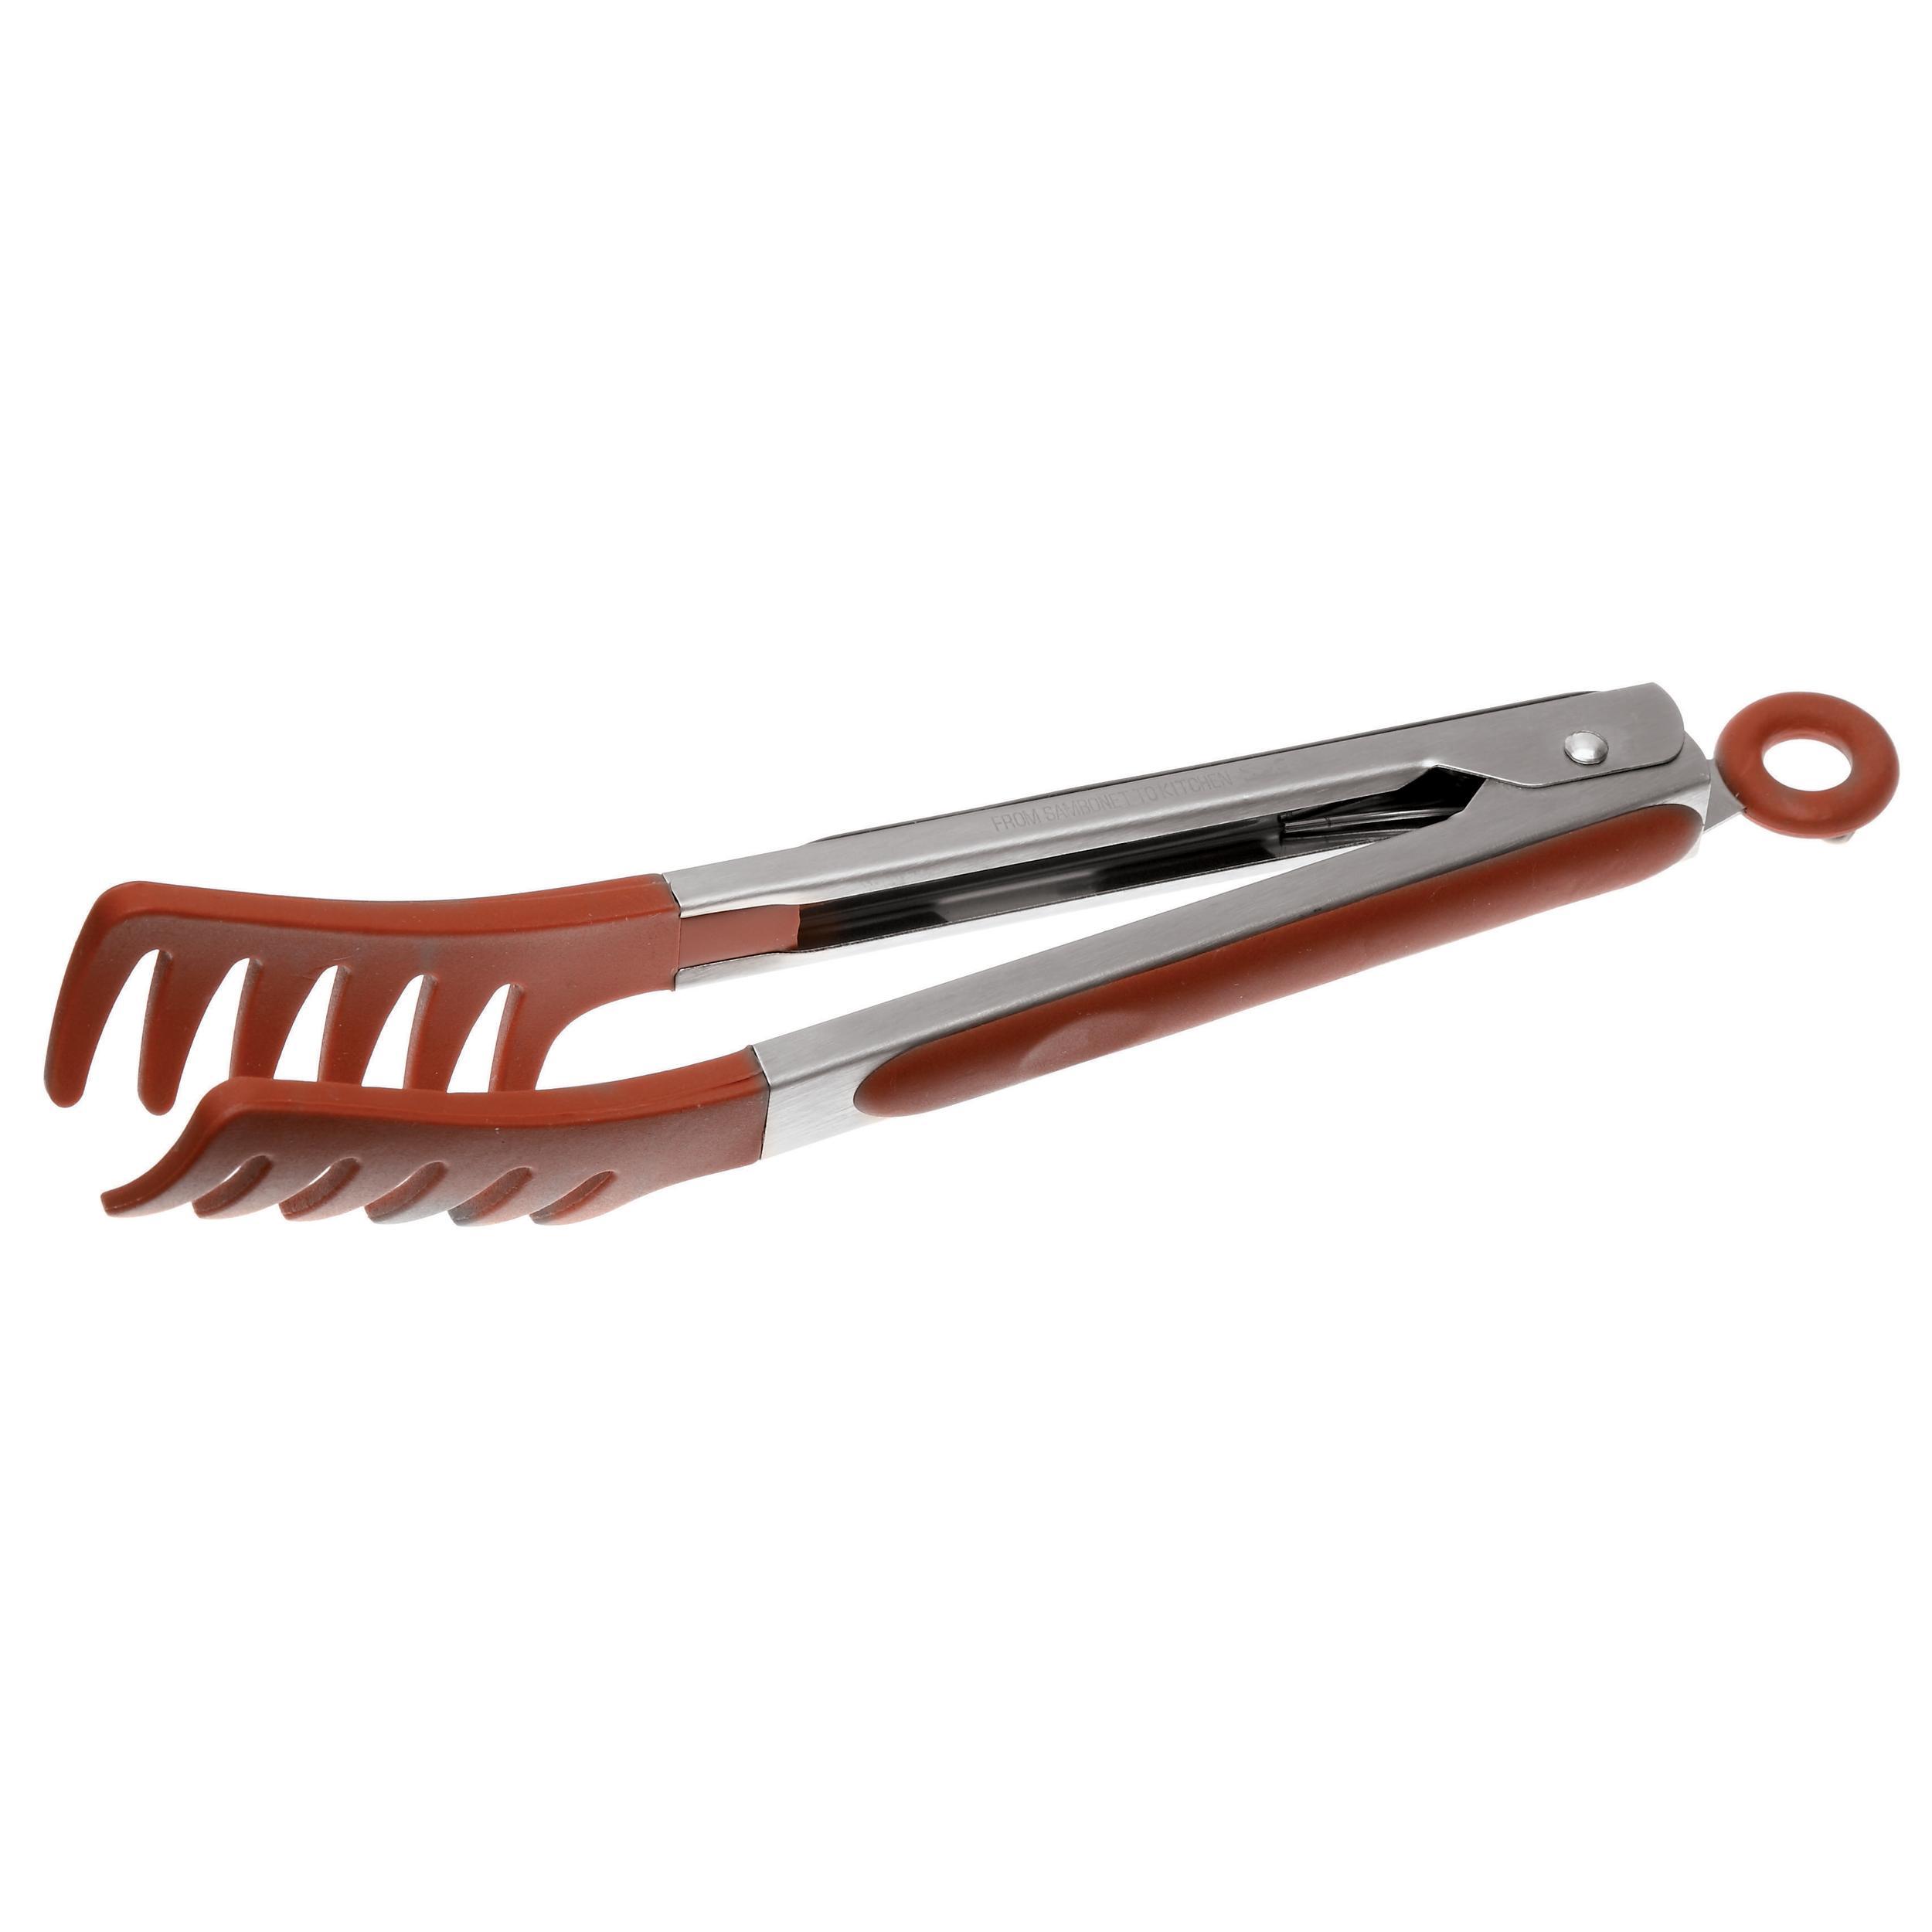 Silicone Sambonet Gadgets Cucchiaio Forato Rosso